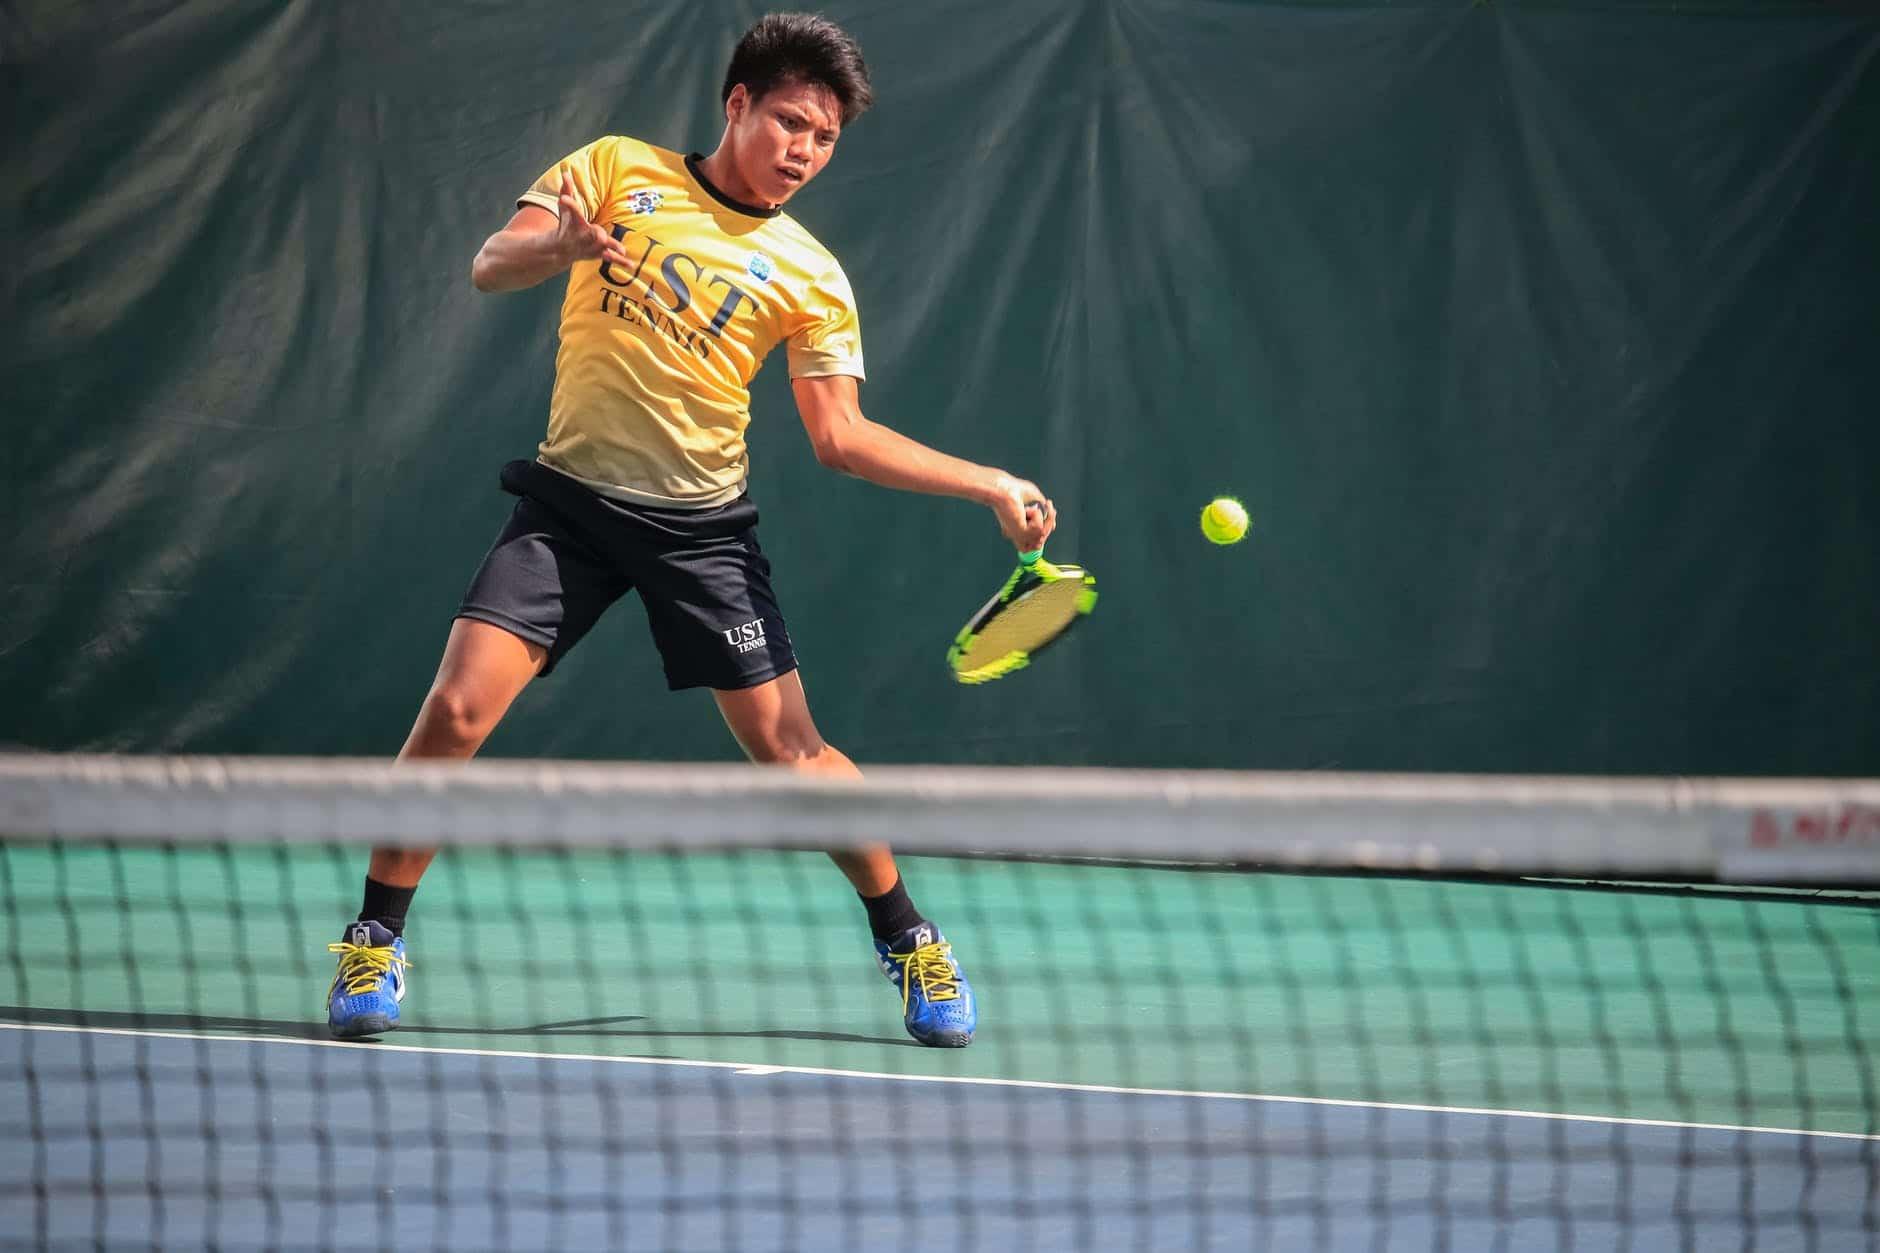 Posible tendinitis jugando al tenis